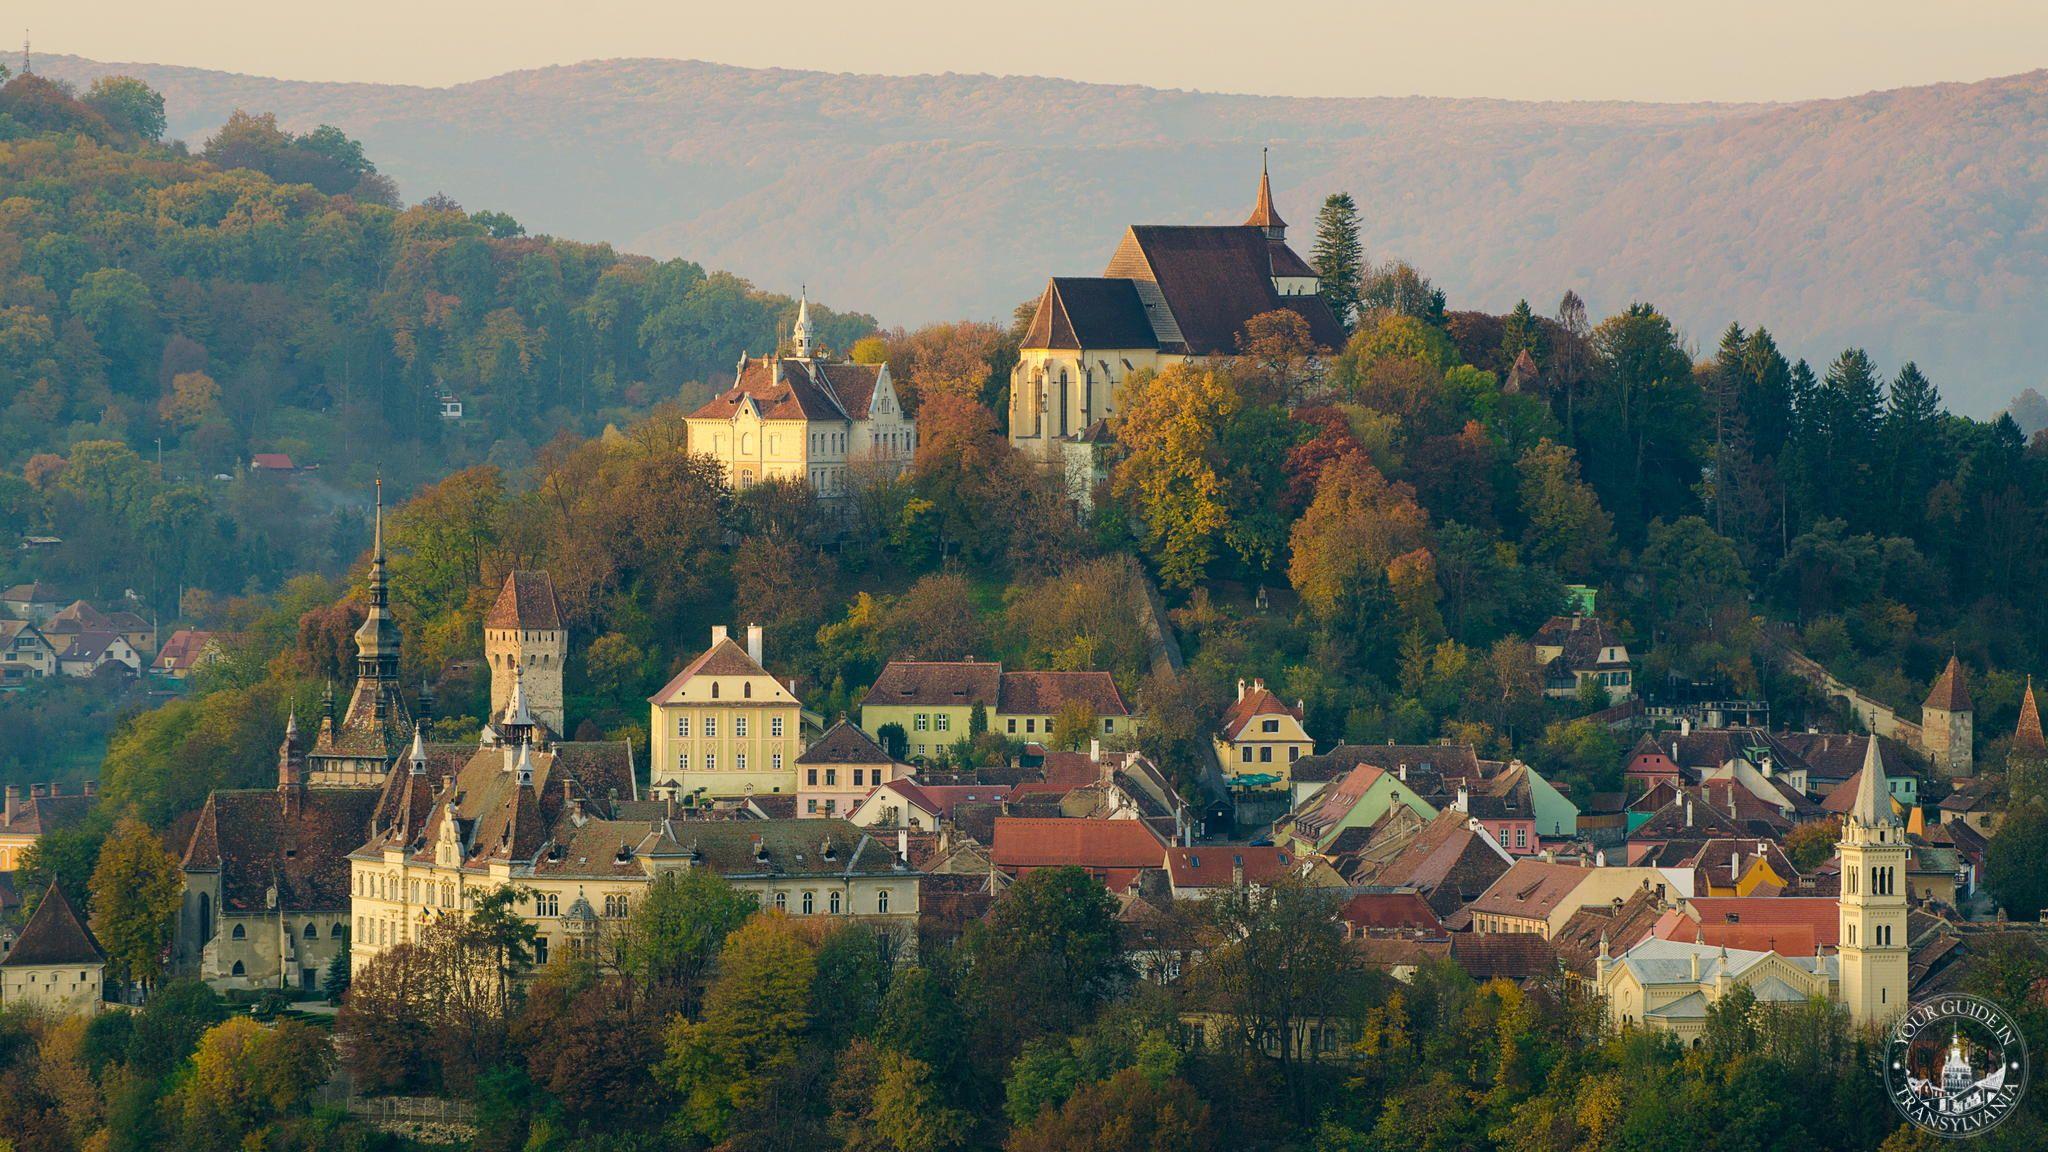 Sighisoara, Perla Transilvaniei